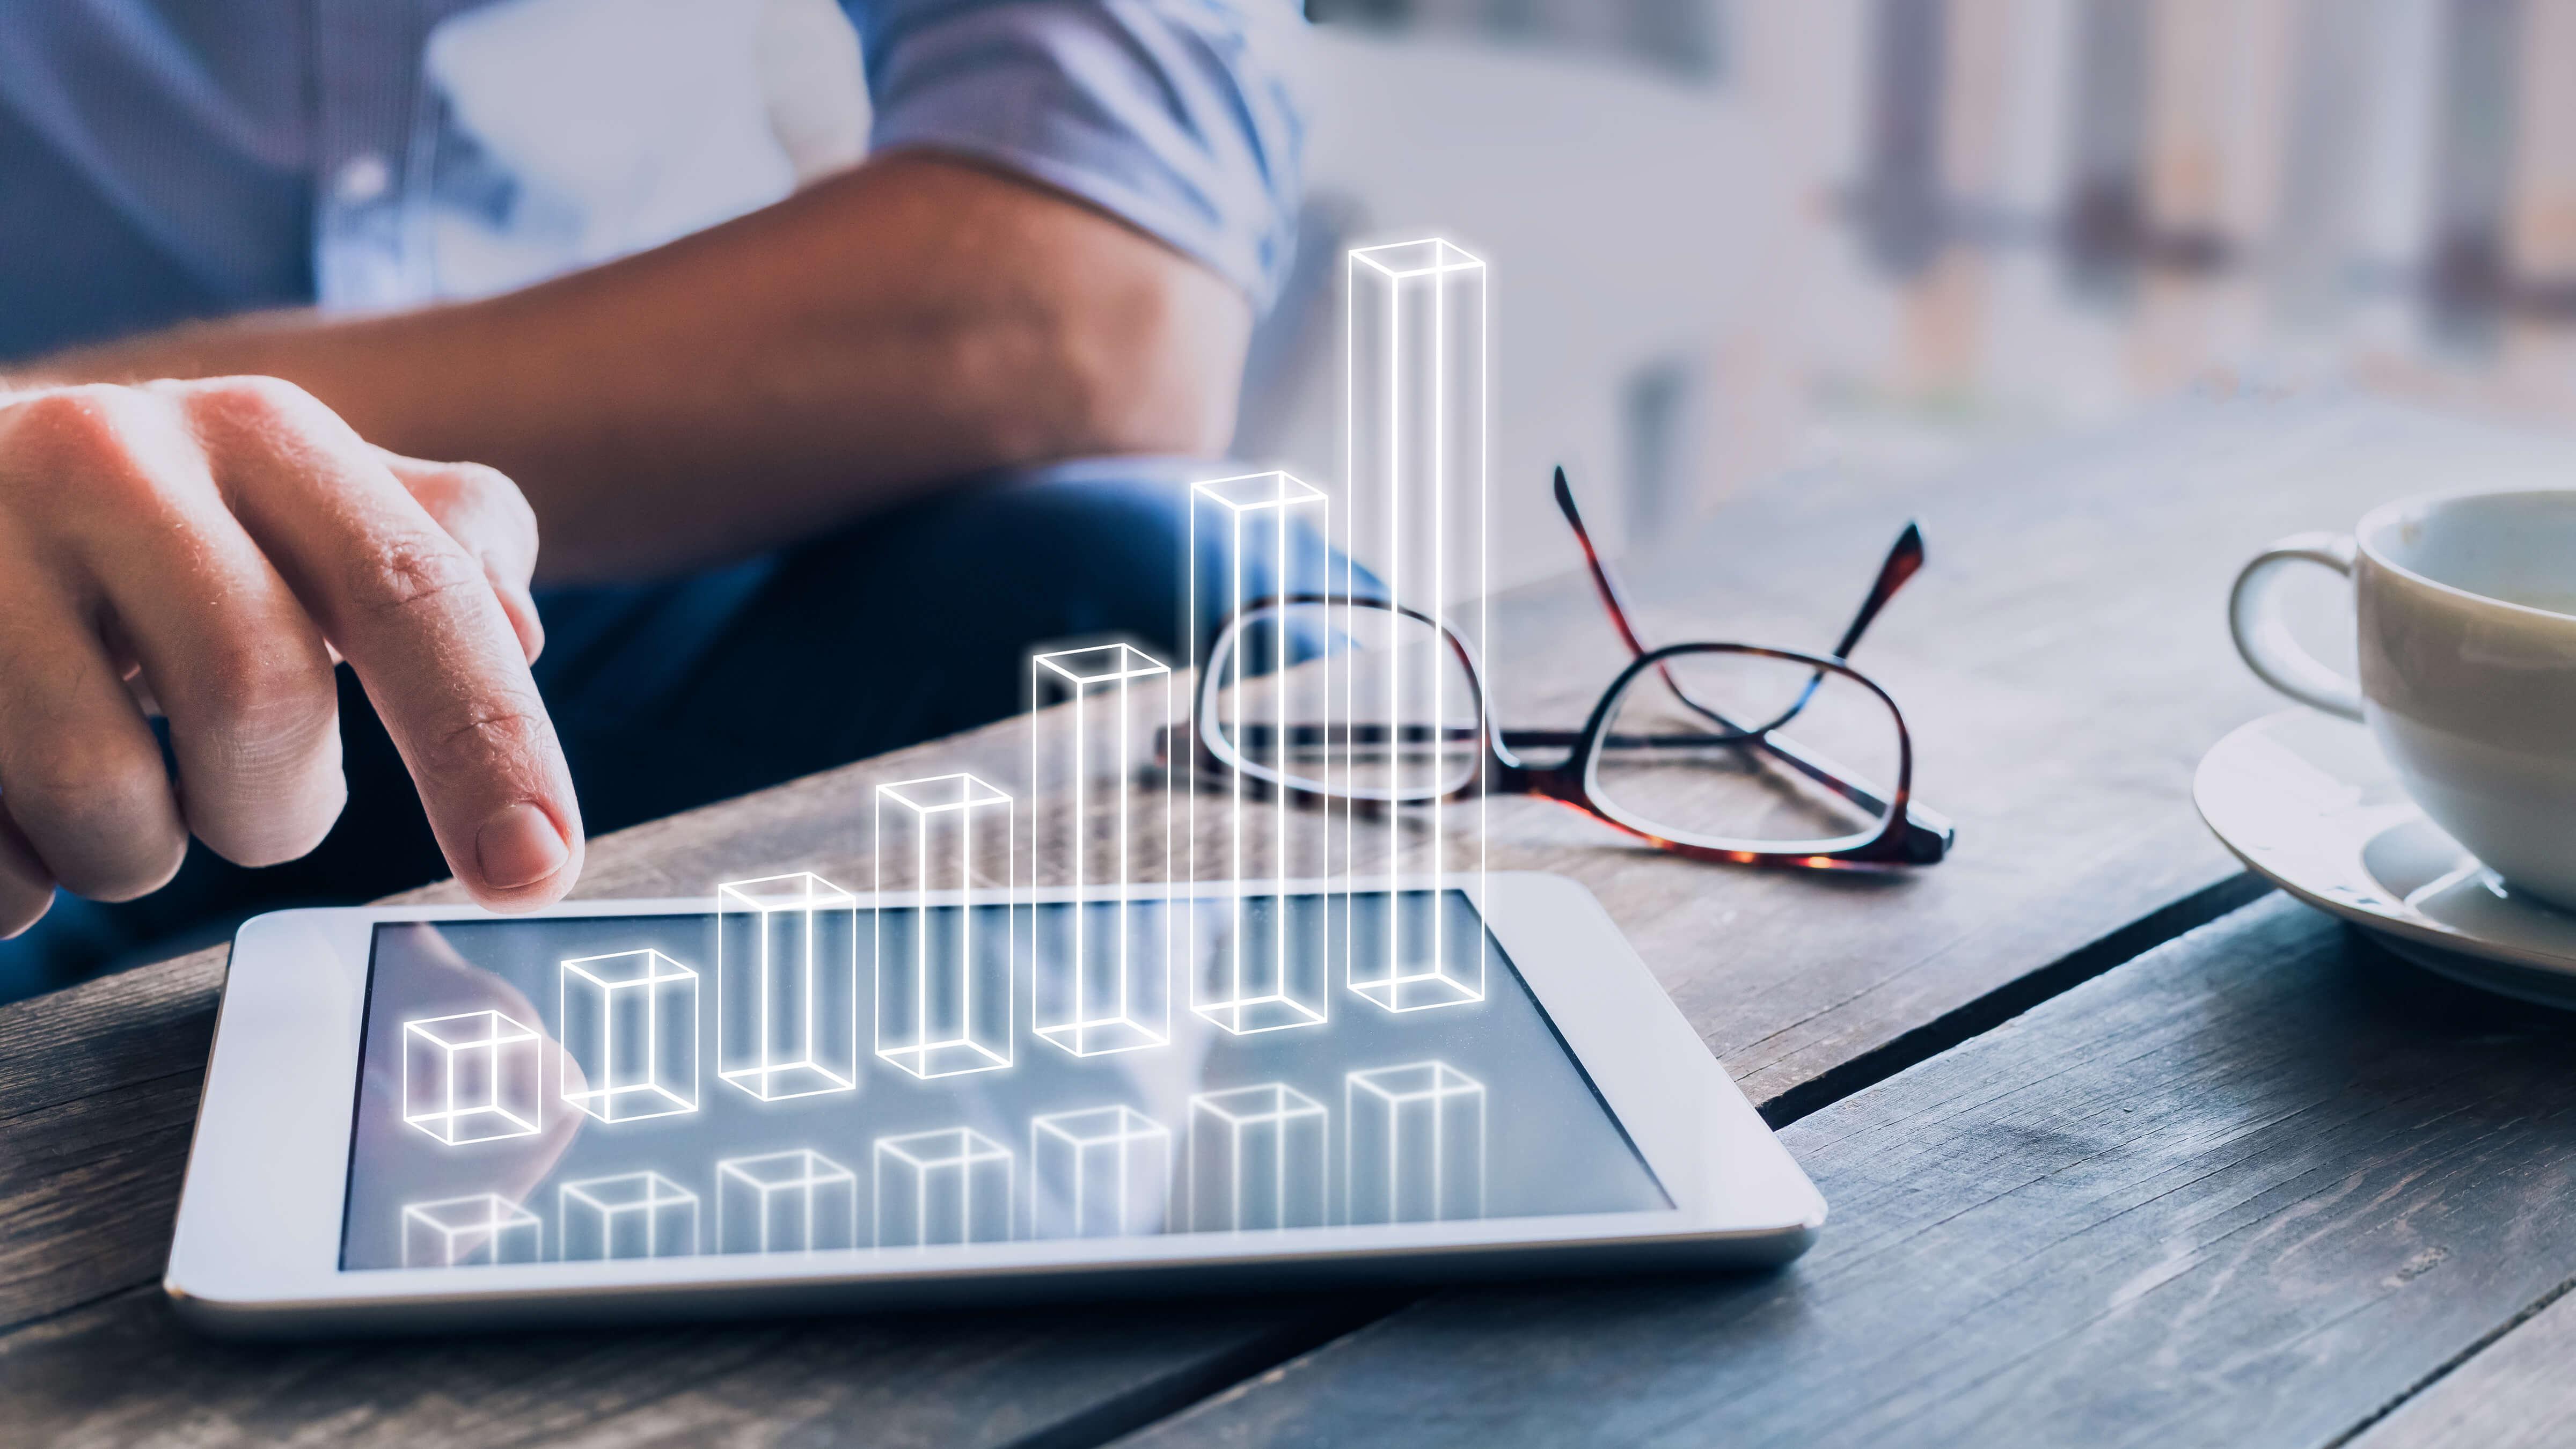 Lohn- und Gehaltsabrechnung mit lexoffice einfach online selber erstellen: Die Funktionen in der Übersicht